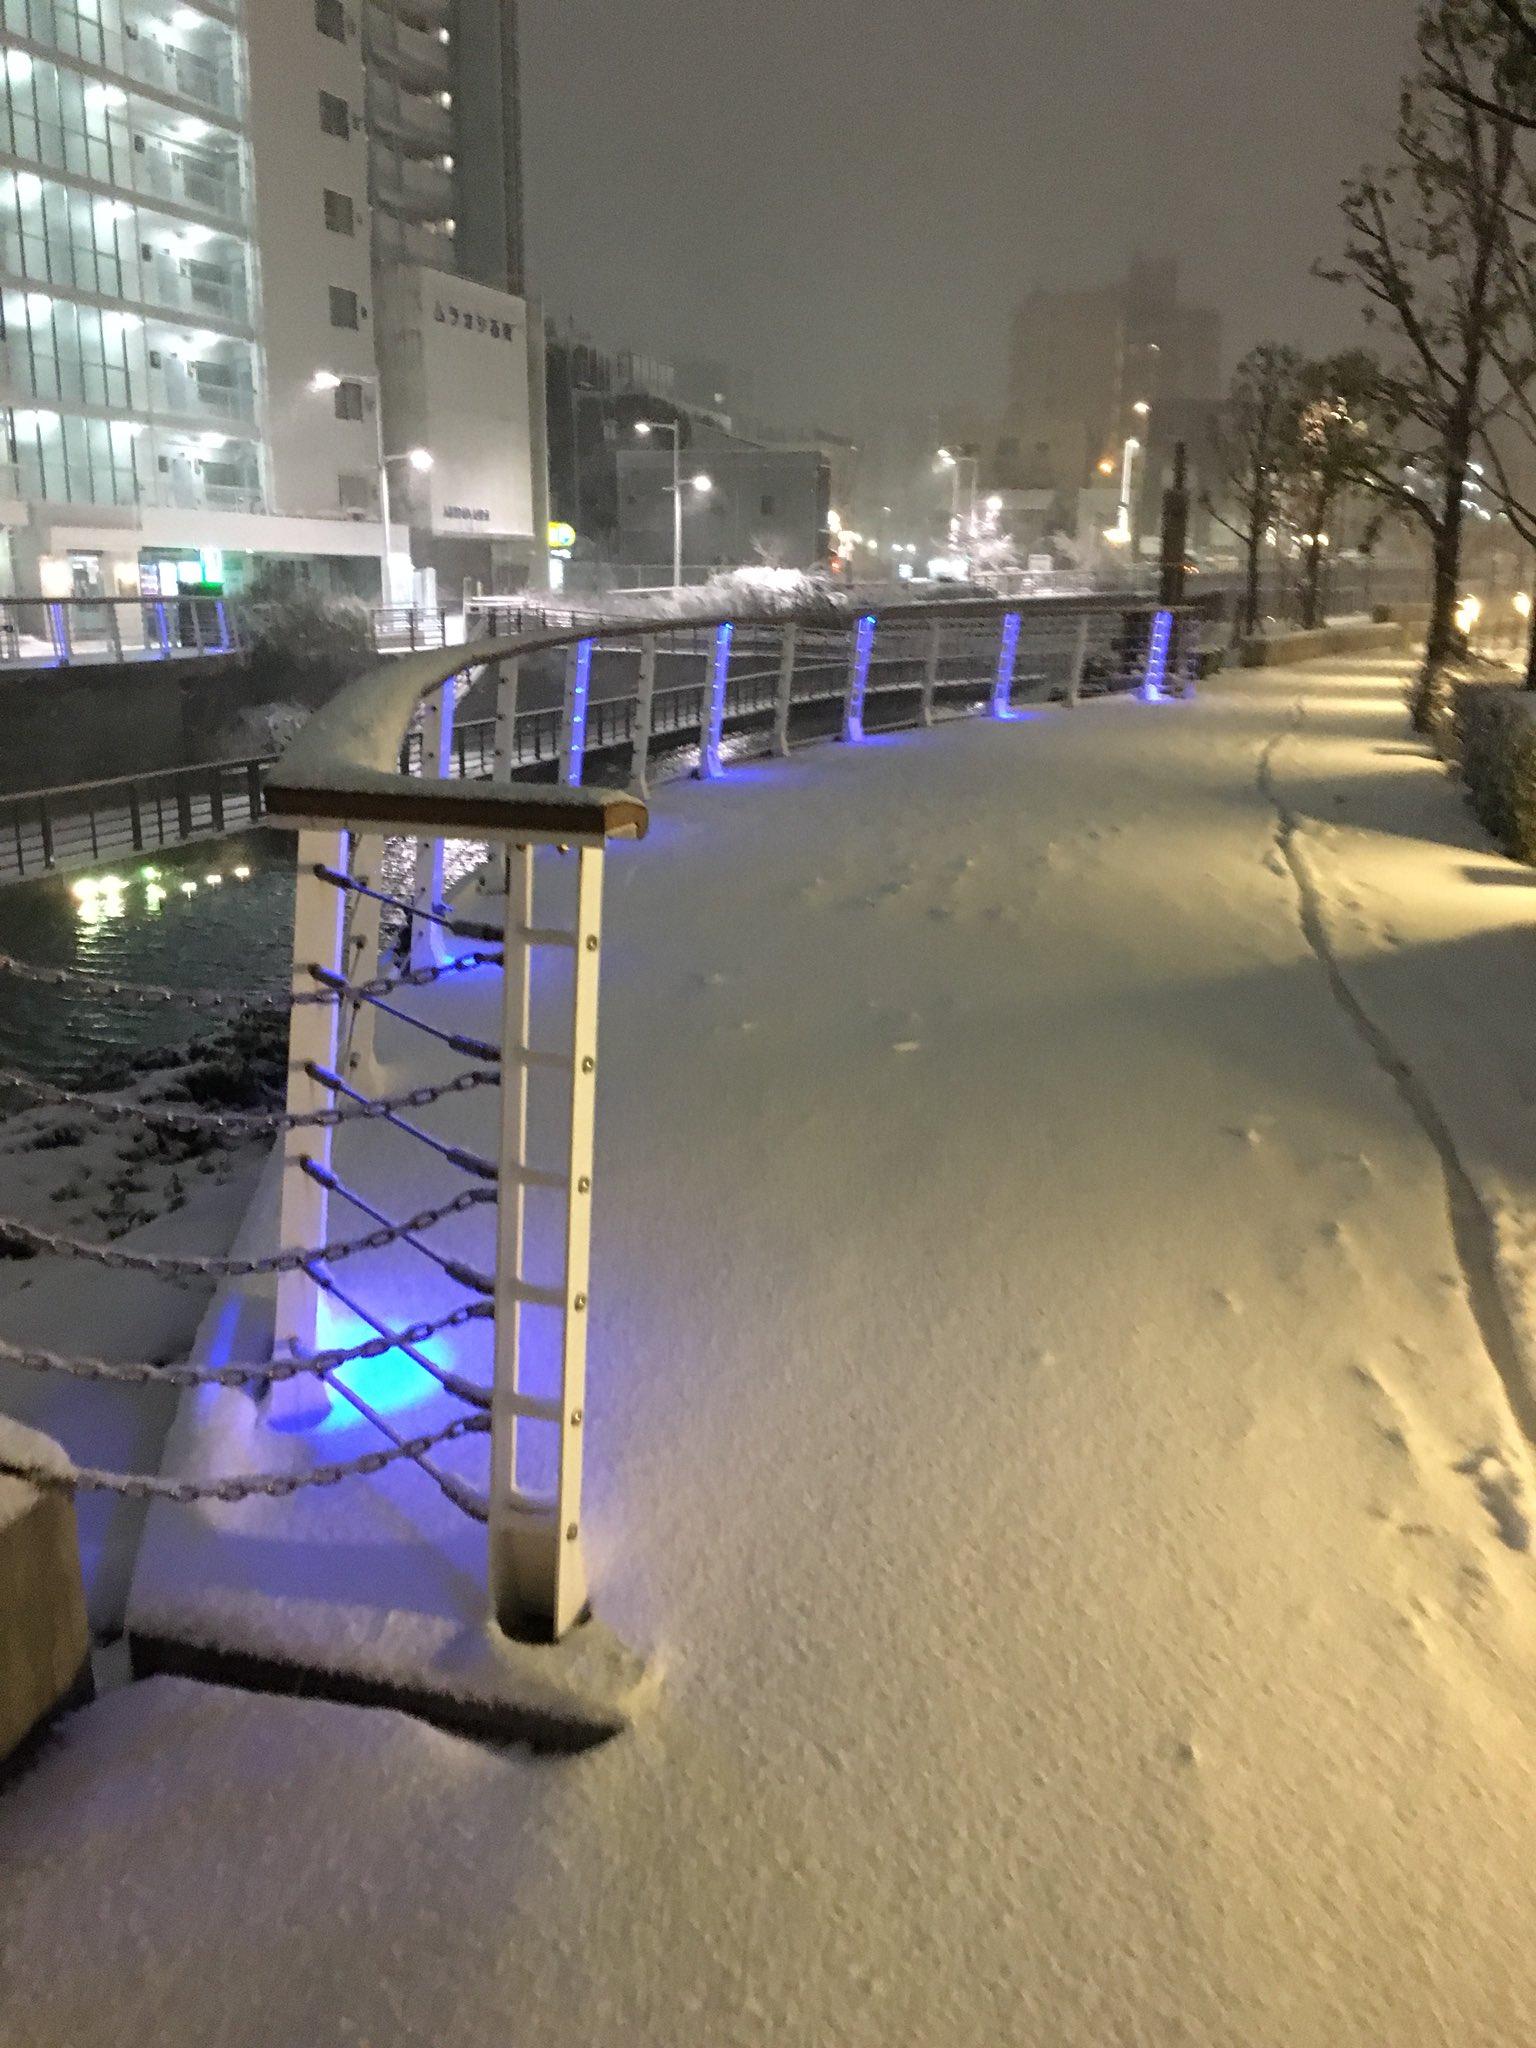 画像,留学生にとしてめっちゃ喜ぶ😍東京で雪が見えるなんて、わーい(⌒▽⌒) 日本すごい!#東京 #雪 https://t.co/YzsZXhKSQw…